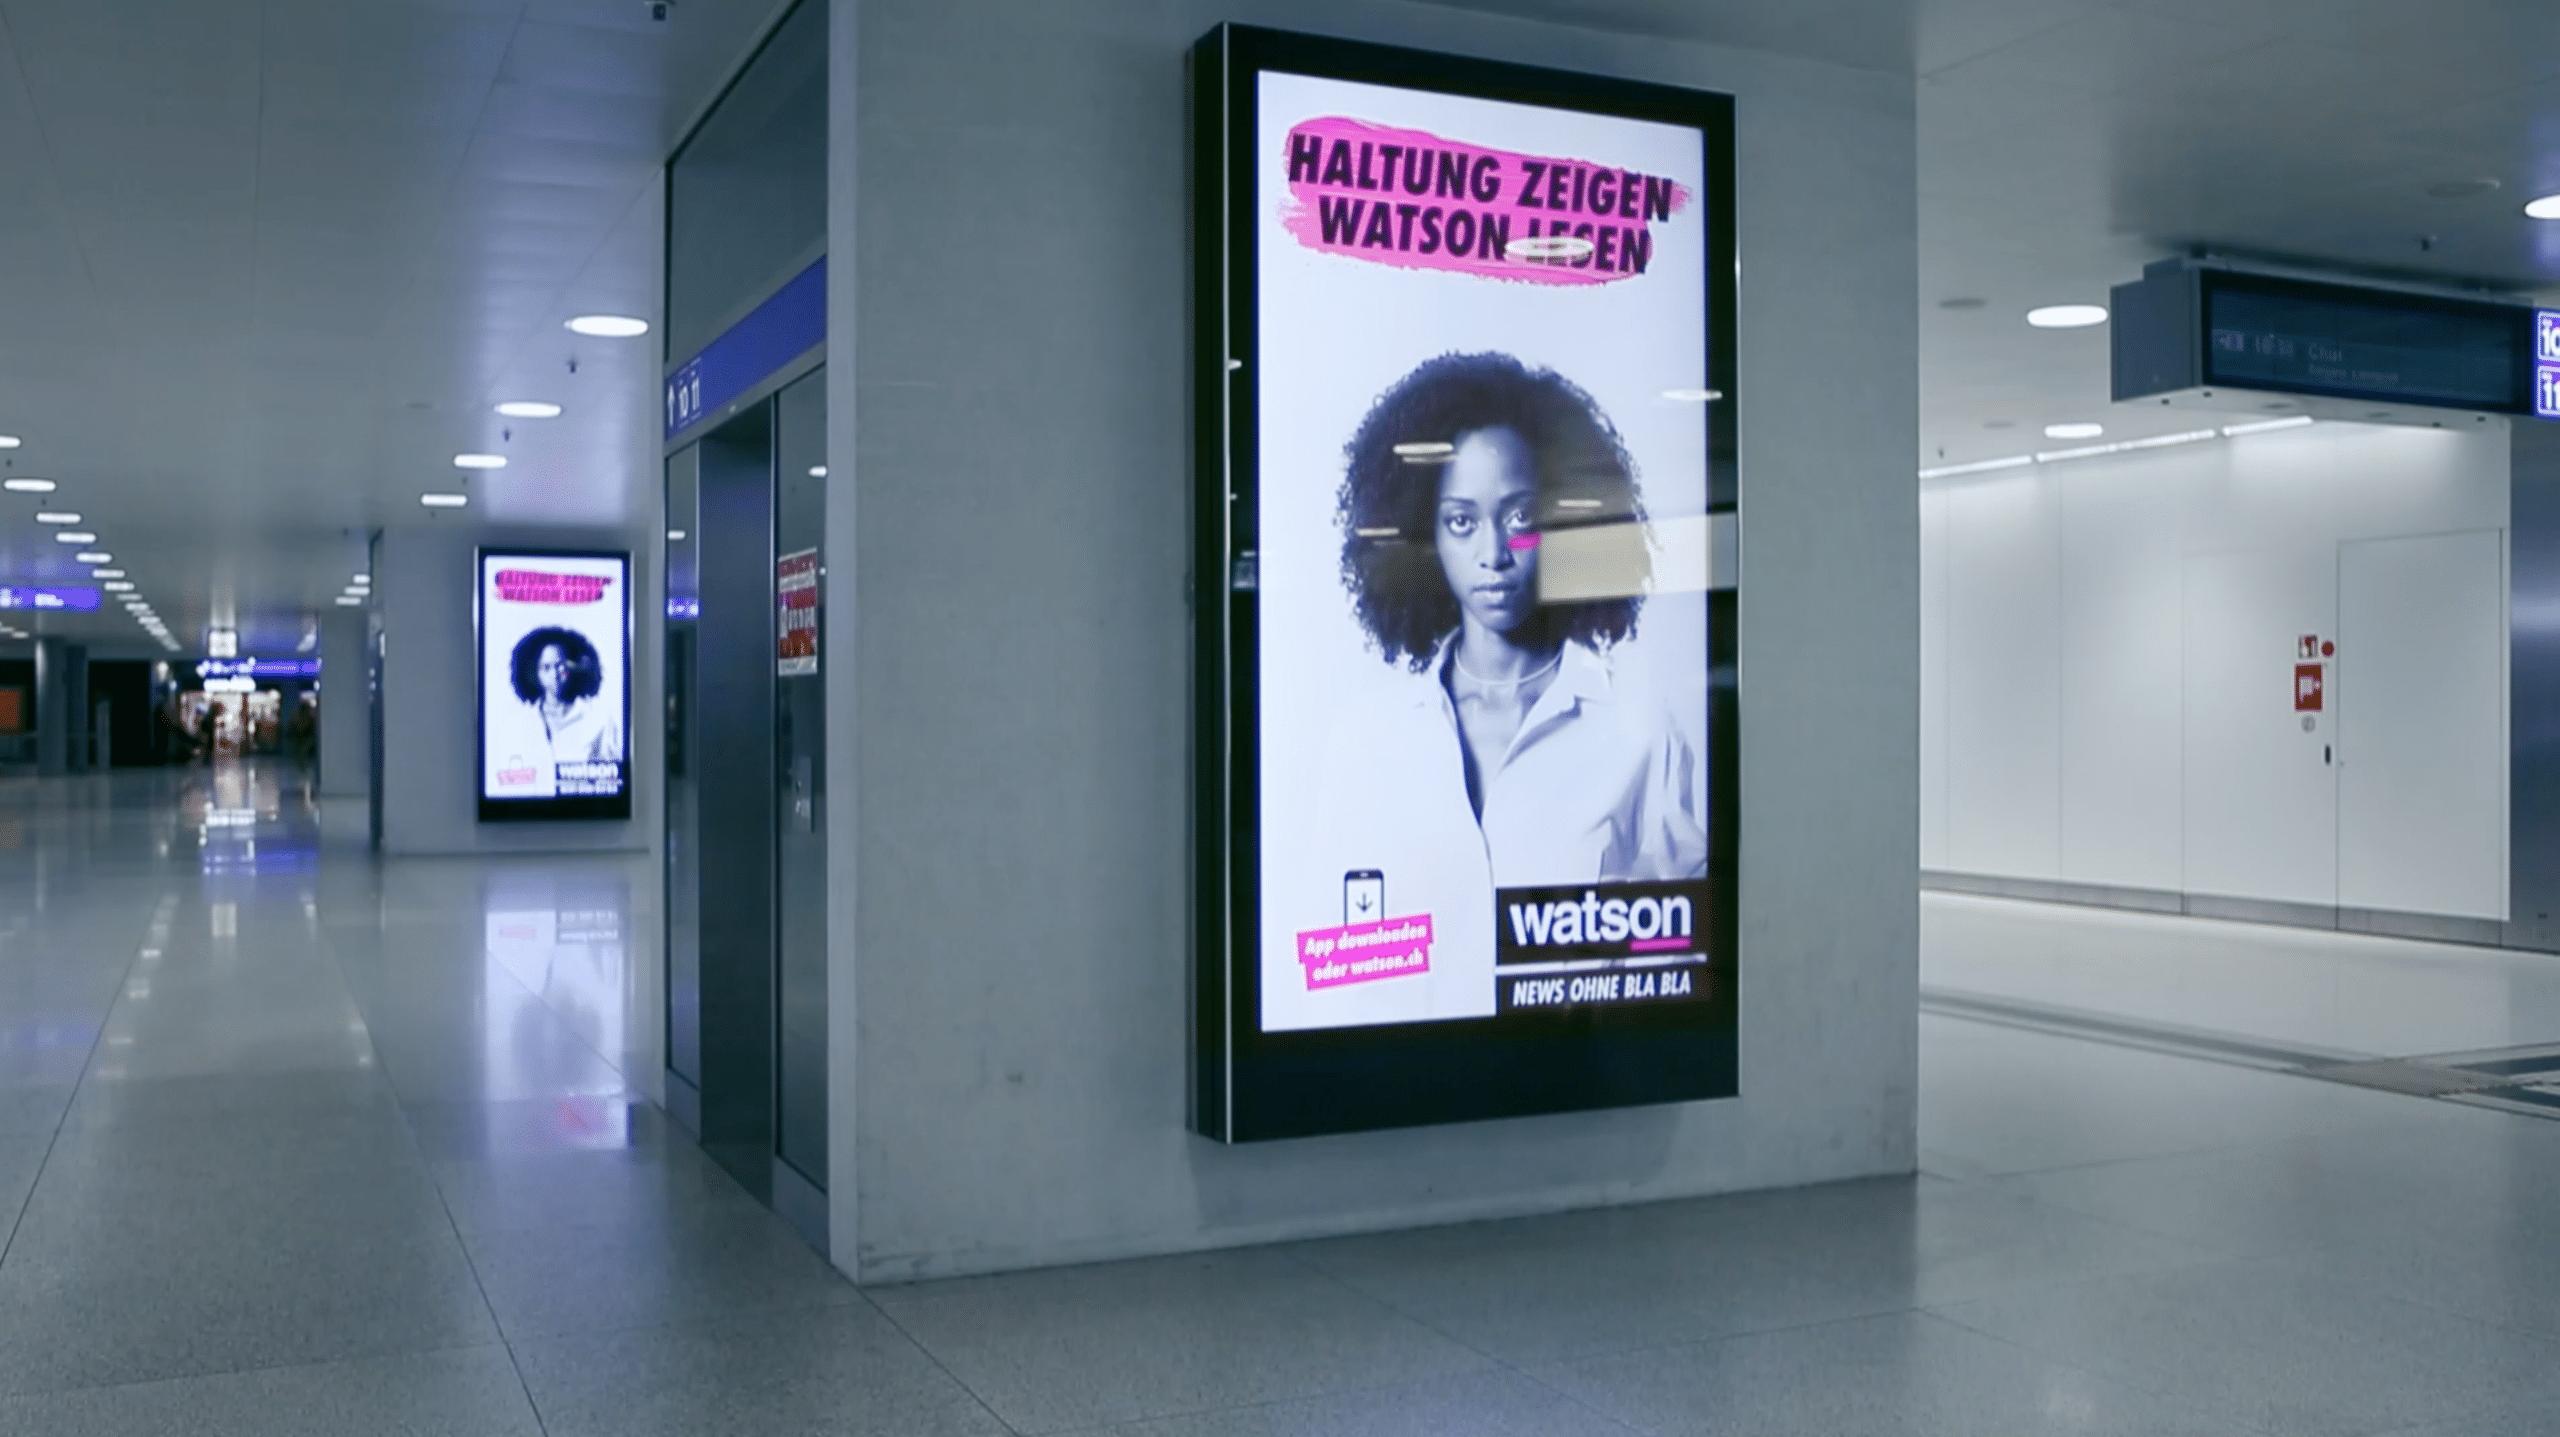 Watson – Haltung zeigen.